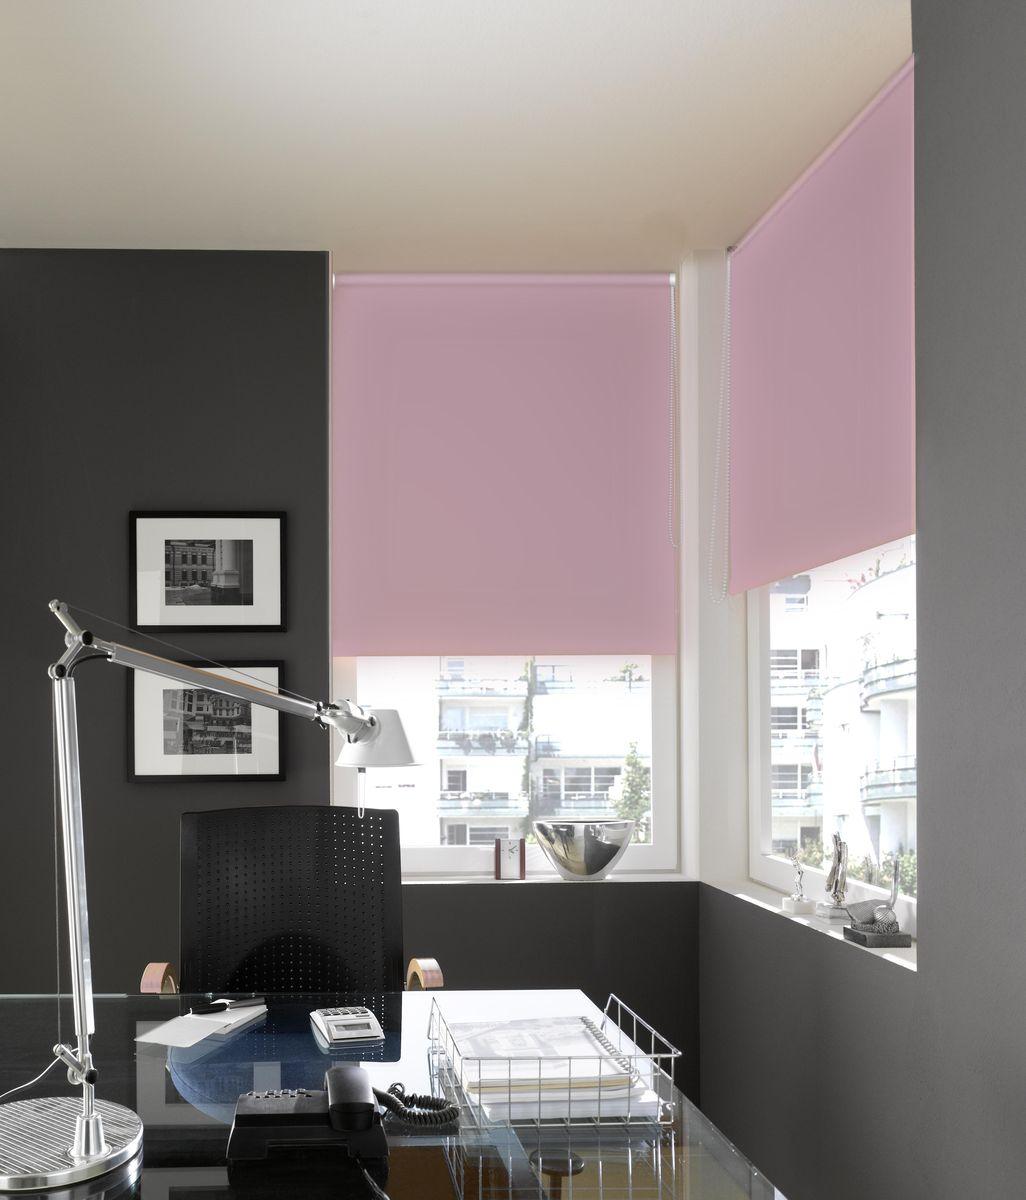 Штора рулонная Эскар Миниролло. Blackout, светонепроницаемая, цвет: розовый кварц, ширина 62 см, высота 170 см2615S545JBРулонными шторамиЭскар Миниролло. Blackout можно оформлять окна как самостоятельно, так и использовать в комбинации с портьерами. Это поможет предотвратить выгорание дорогой ткани на солнце и соединит функционал рулонных с красотой навесных. Преимущества применения рулонных штор для пластиковых окон: - имеют прекрасный внешний вид: многообразие и фактурность материала изделия отлично смотрятся в любом интерьере;- многофункциональны: есть возможность подобрать шторы способные эффективно защитить комнату от солнца, при этом она не будет слишком темной;- есть возможность осуществить быстрый монтаж.ВНИМАНИЕ! Размеры ширины изделия указаны по ширине ткани! Во время эксплуатации не рекомендуется полностью разматывать рулон, чтобы не оторвать ткань от намоточного вала. В случае загрязнения поверхности ткани, чистку шторы проводят одним из способов, в зависимости от типа загрязнения:легкое поверхностное загрязнение можно удалить при помощи канцелярского ластика;чистка от пыли производится сухим методом при помощи пылесоса с мягкой щеткой-насадкой;для удаления пятна используйте мягкую губку с пенообразующим неагрессивным моющим средством или пятновыводитель на натуральной основе (нельзя применять растворители).